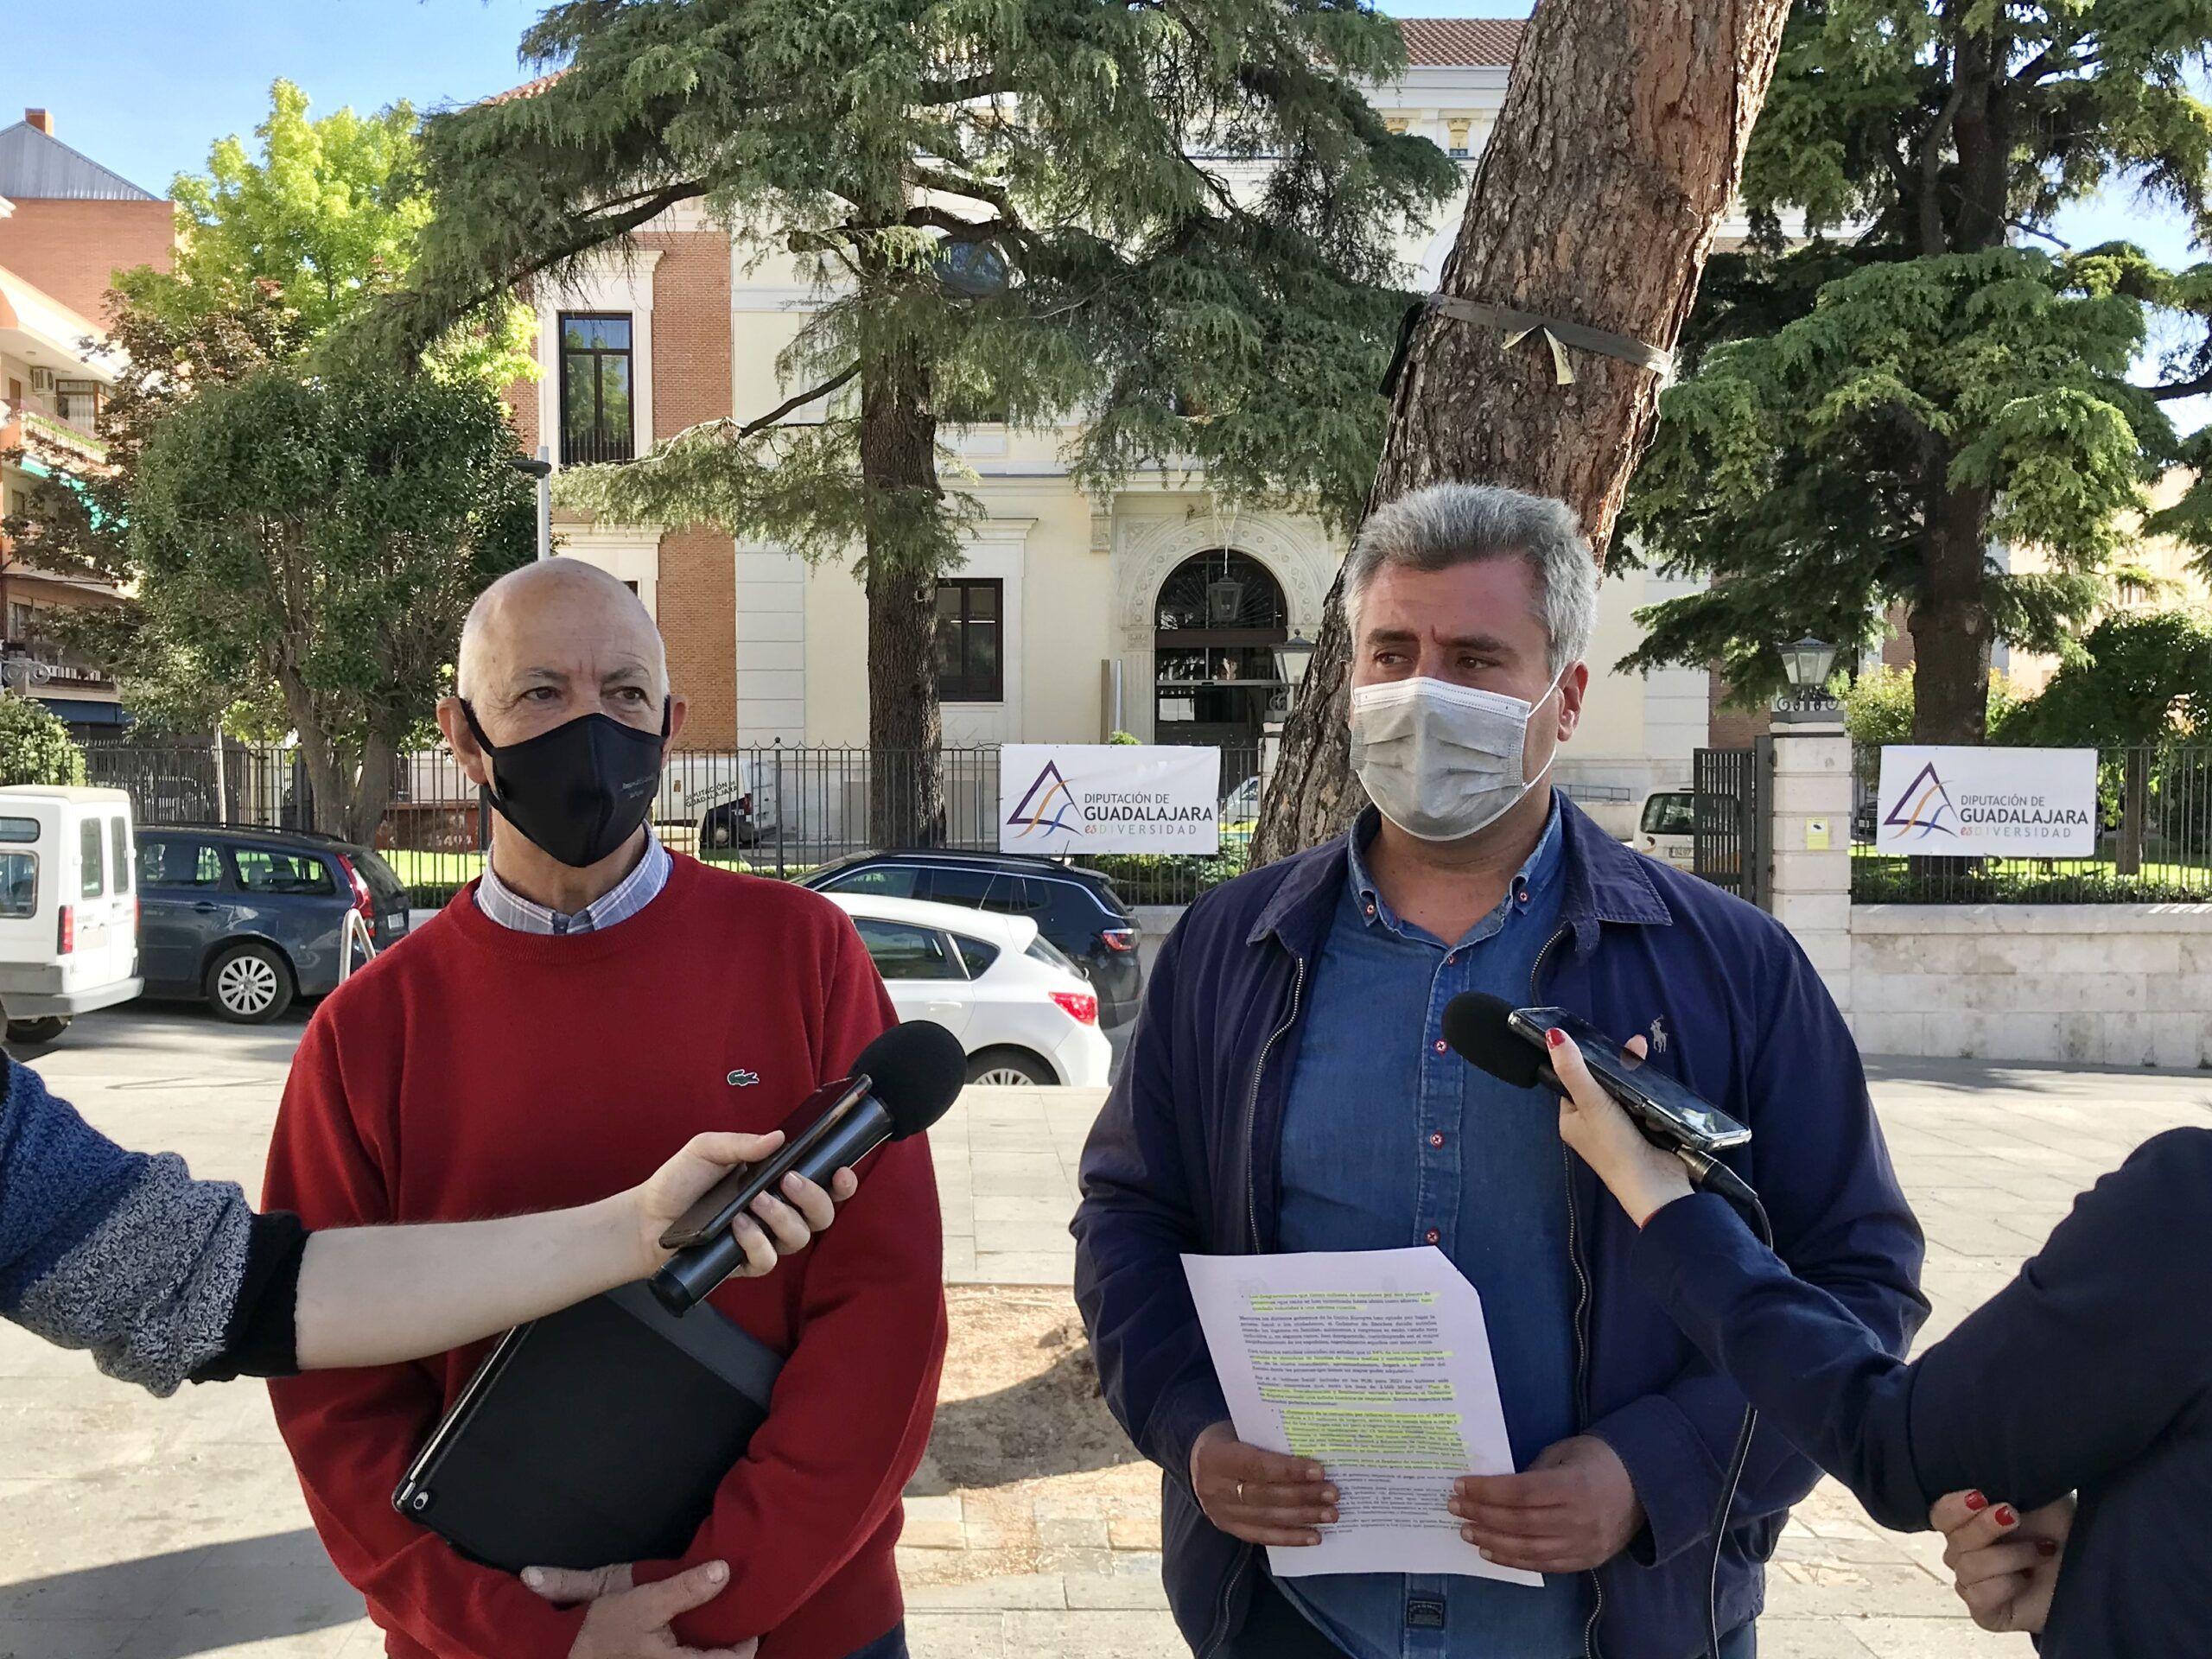 El Grupo Popular pedirá la defensa de los vecinos de la provincia exigiendo al Gobierno que anule las subidas de impuestos